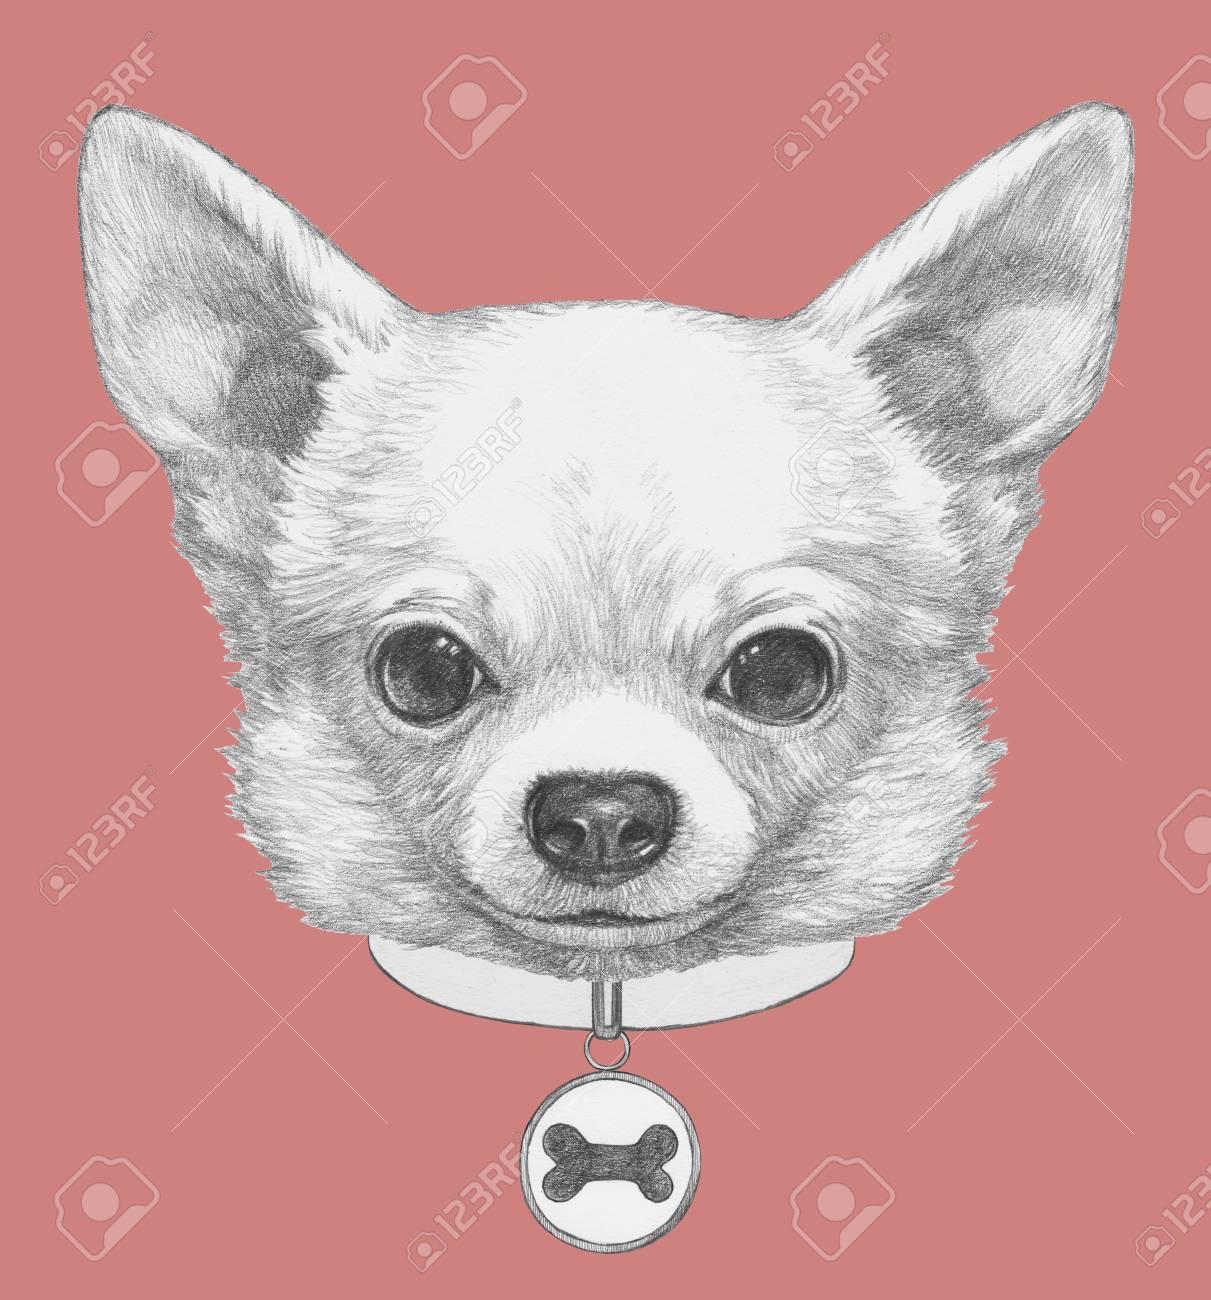 犬の首輪とチワワの肖像画手描きのイラスト の写真素材画像素材